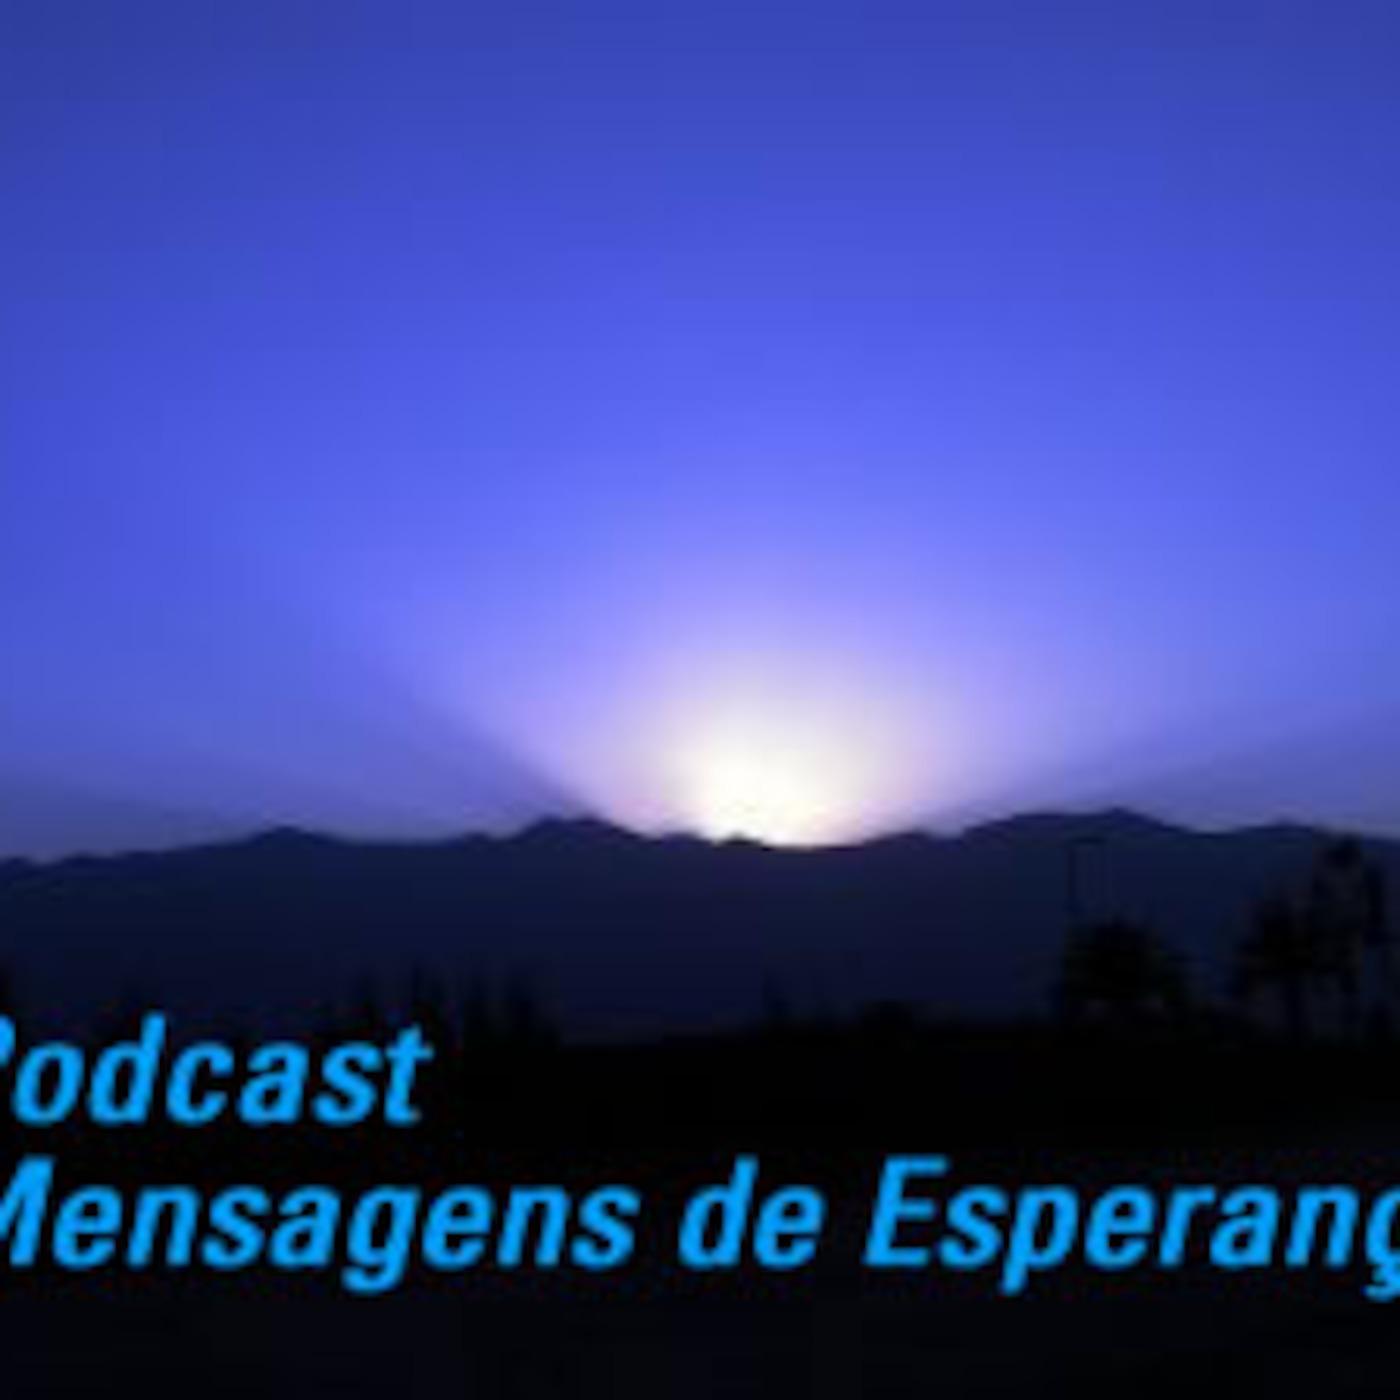 Novo Tempo Podcast